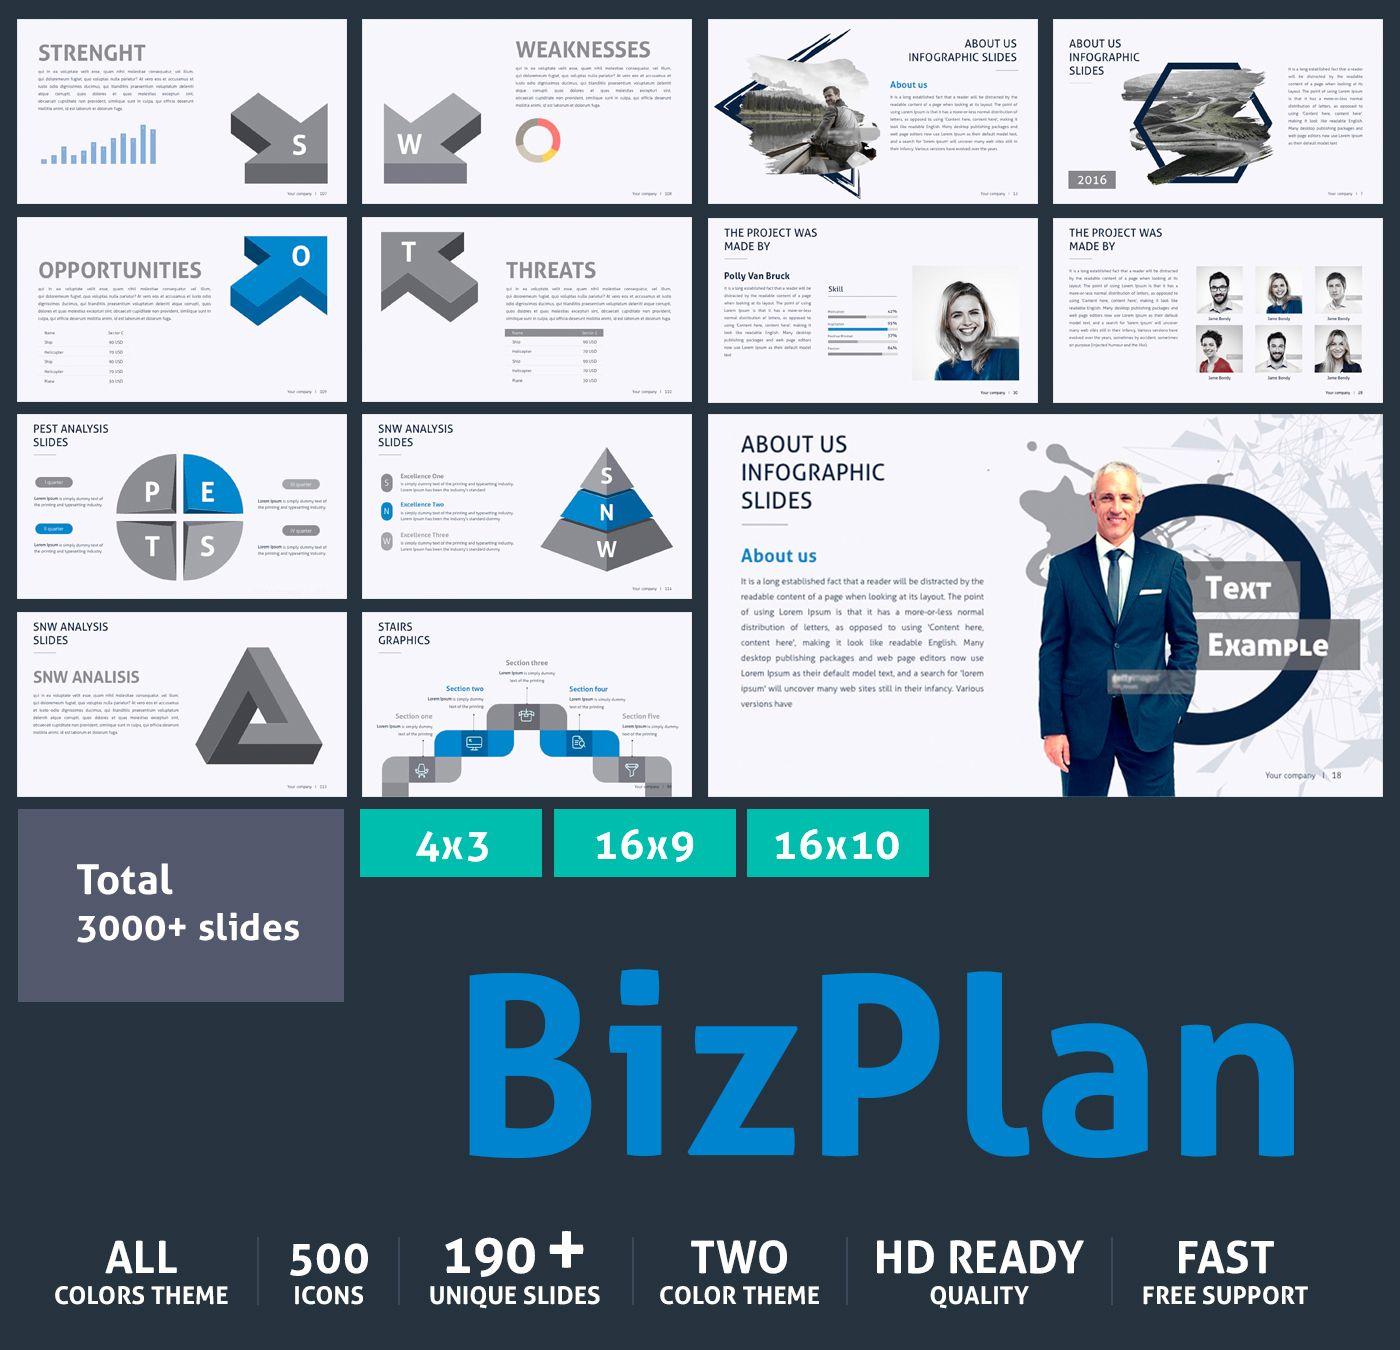 https://www.behance.net/gallery/41776443/BizPlan-presentation